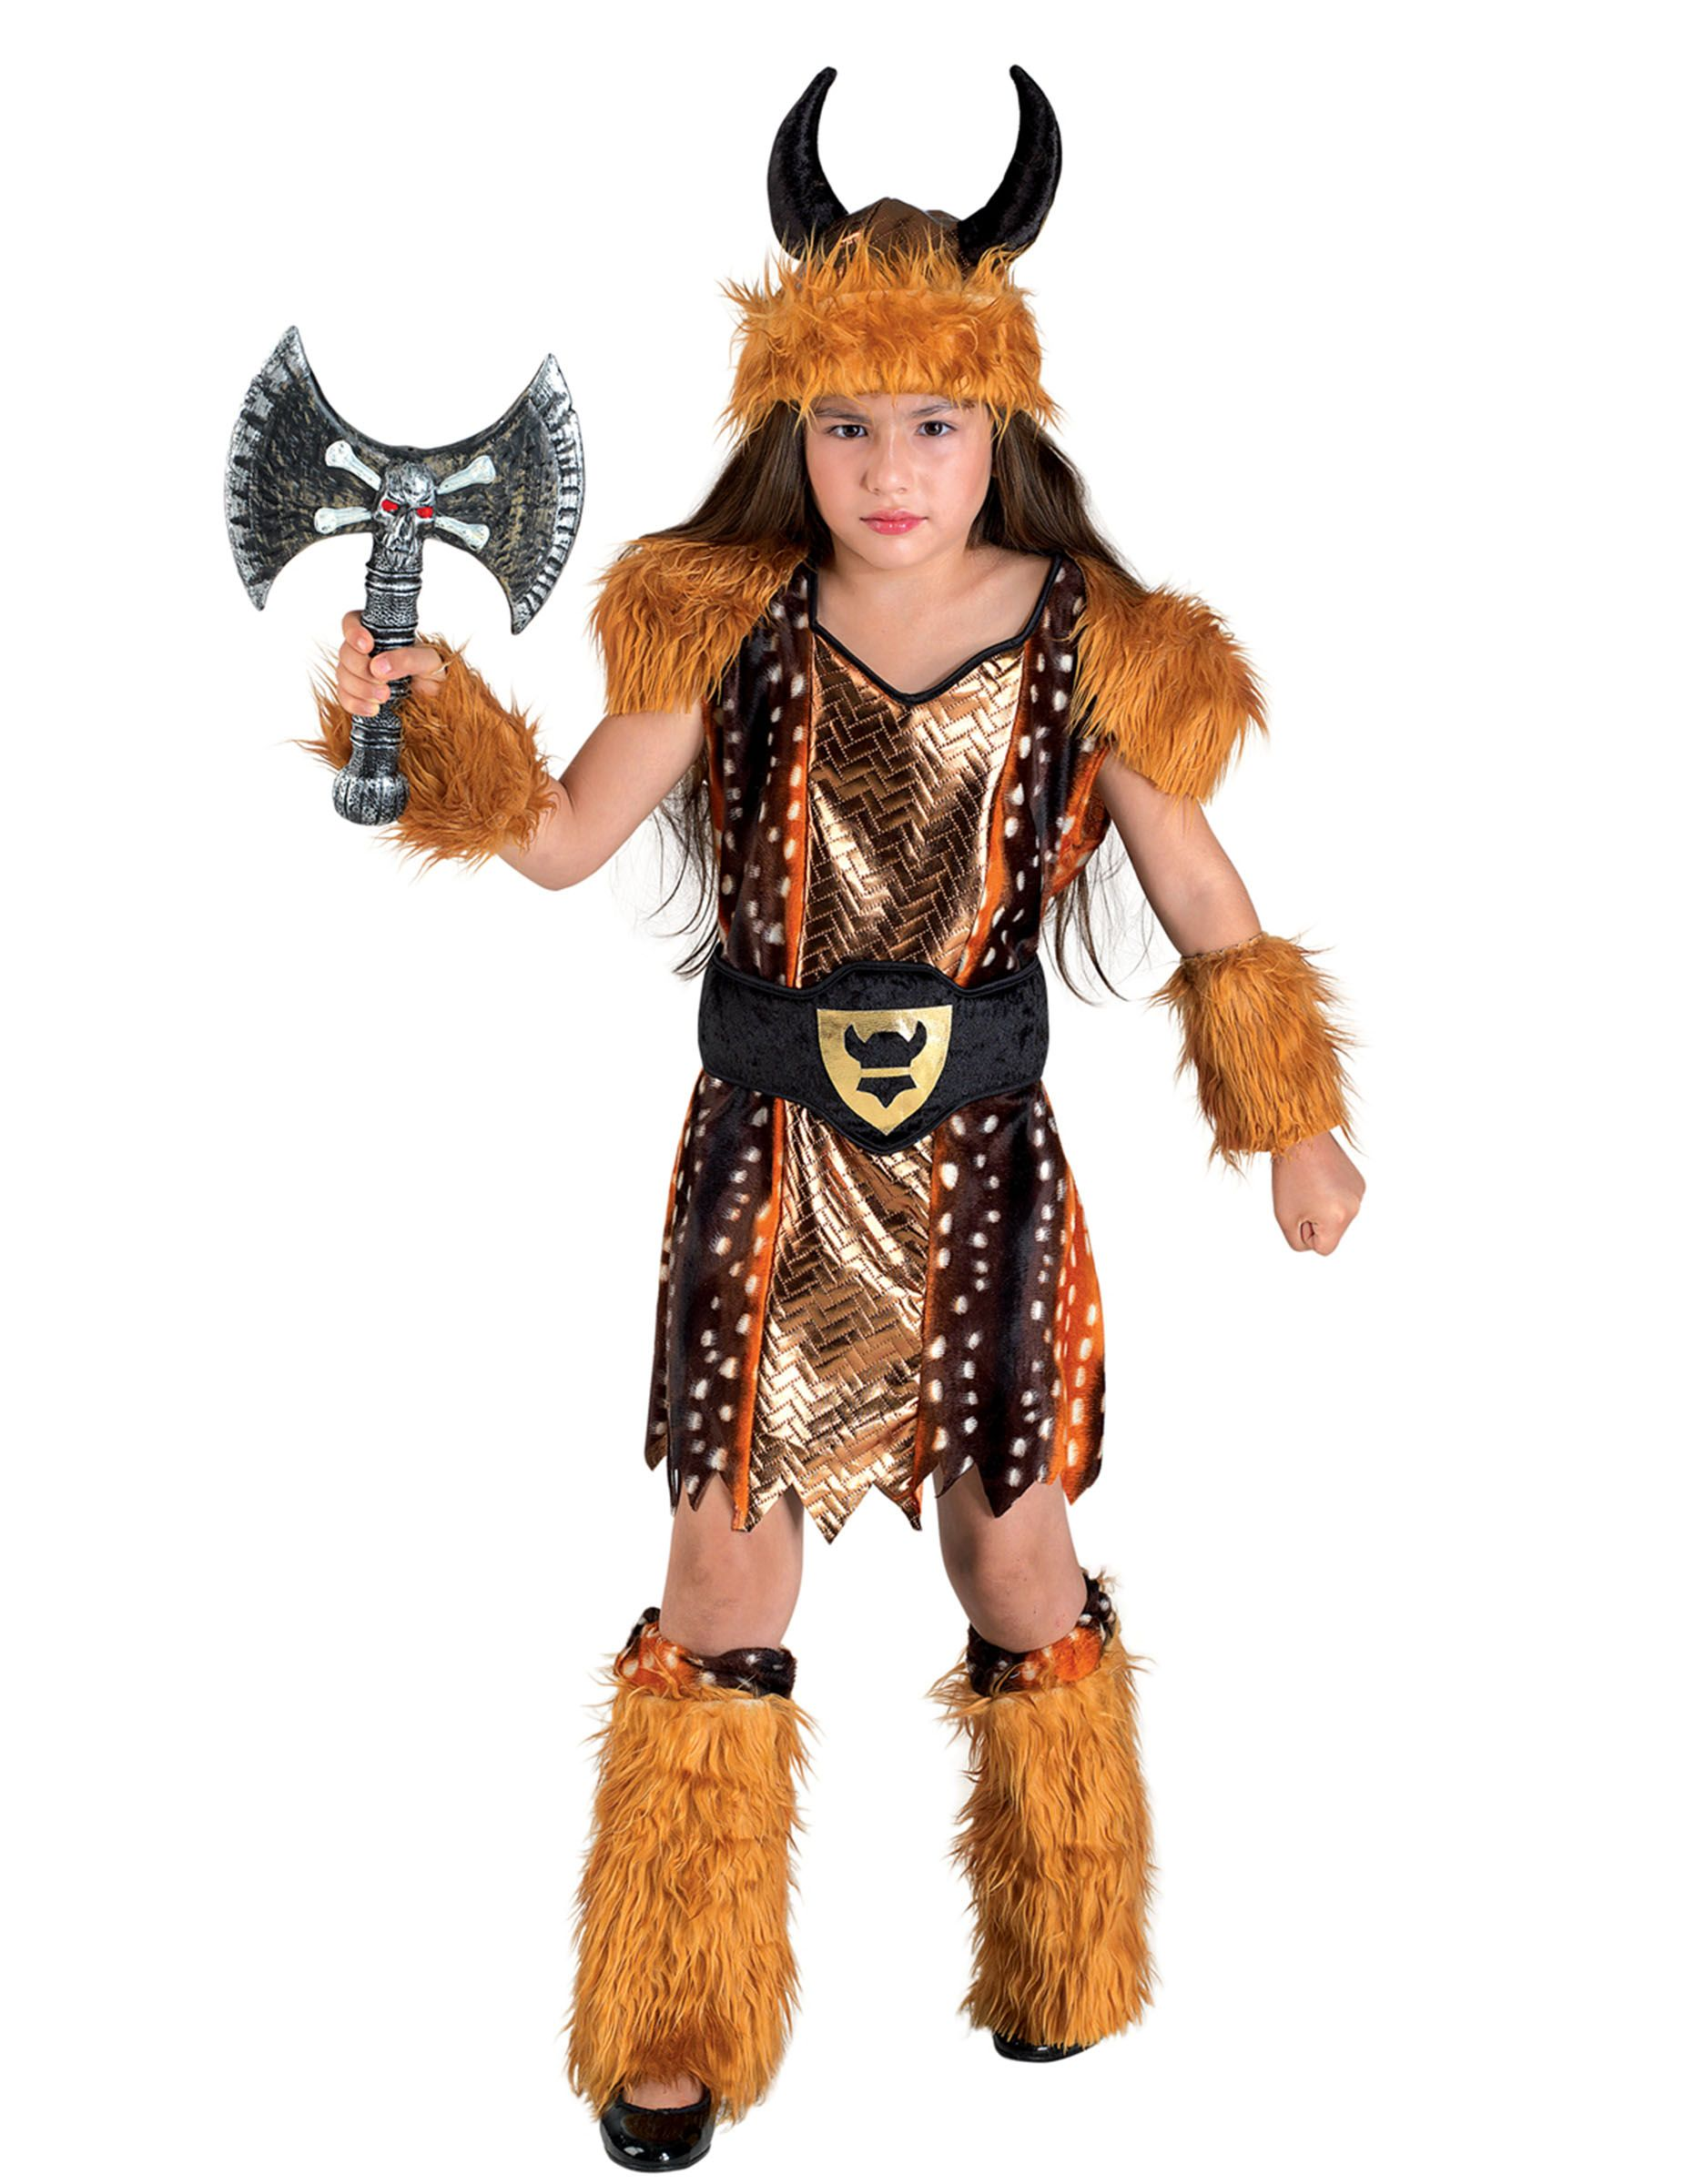 Disfraz vikingo niña  Este disfraz de vikinga para niña incluye vestido 6882effabb02